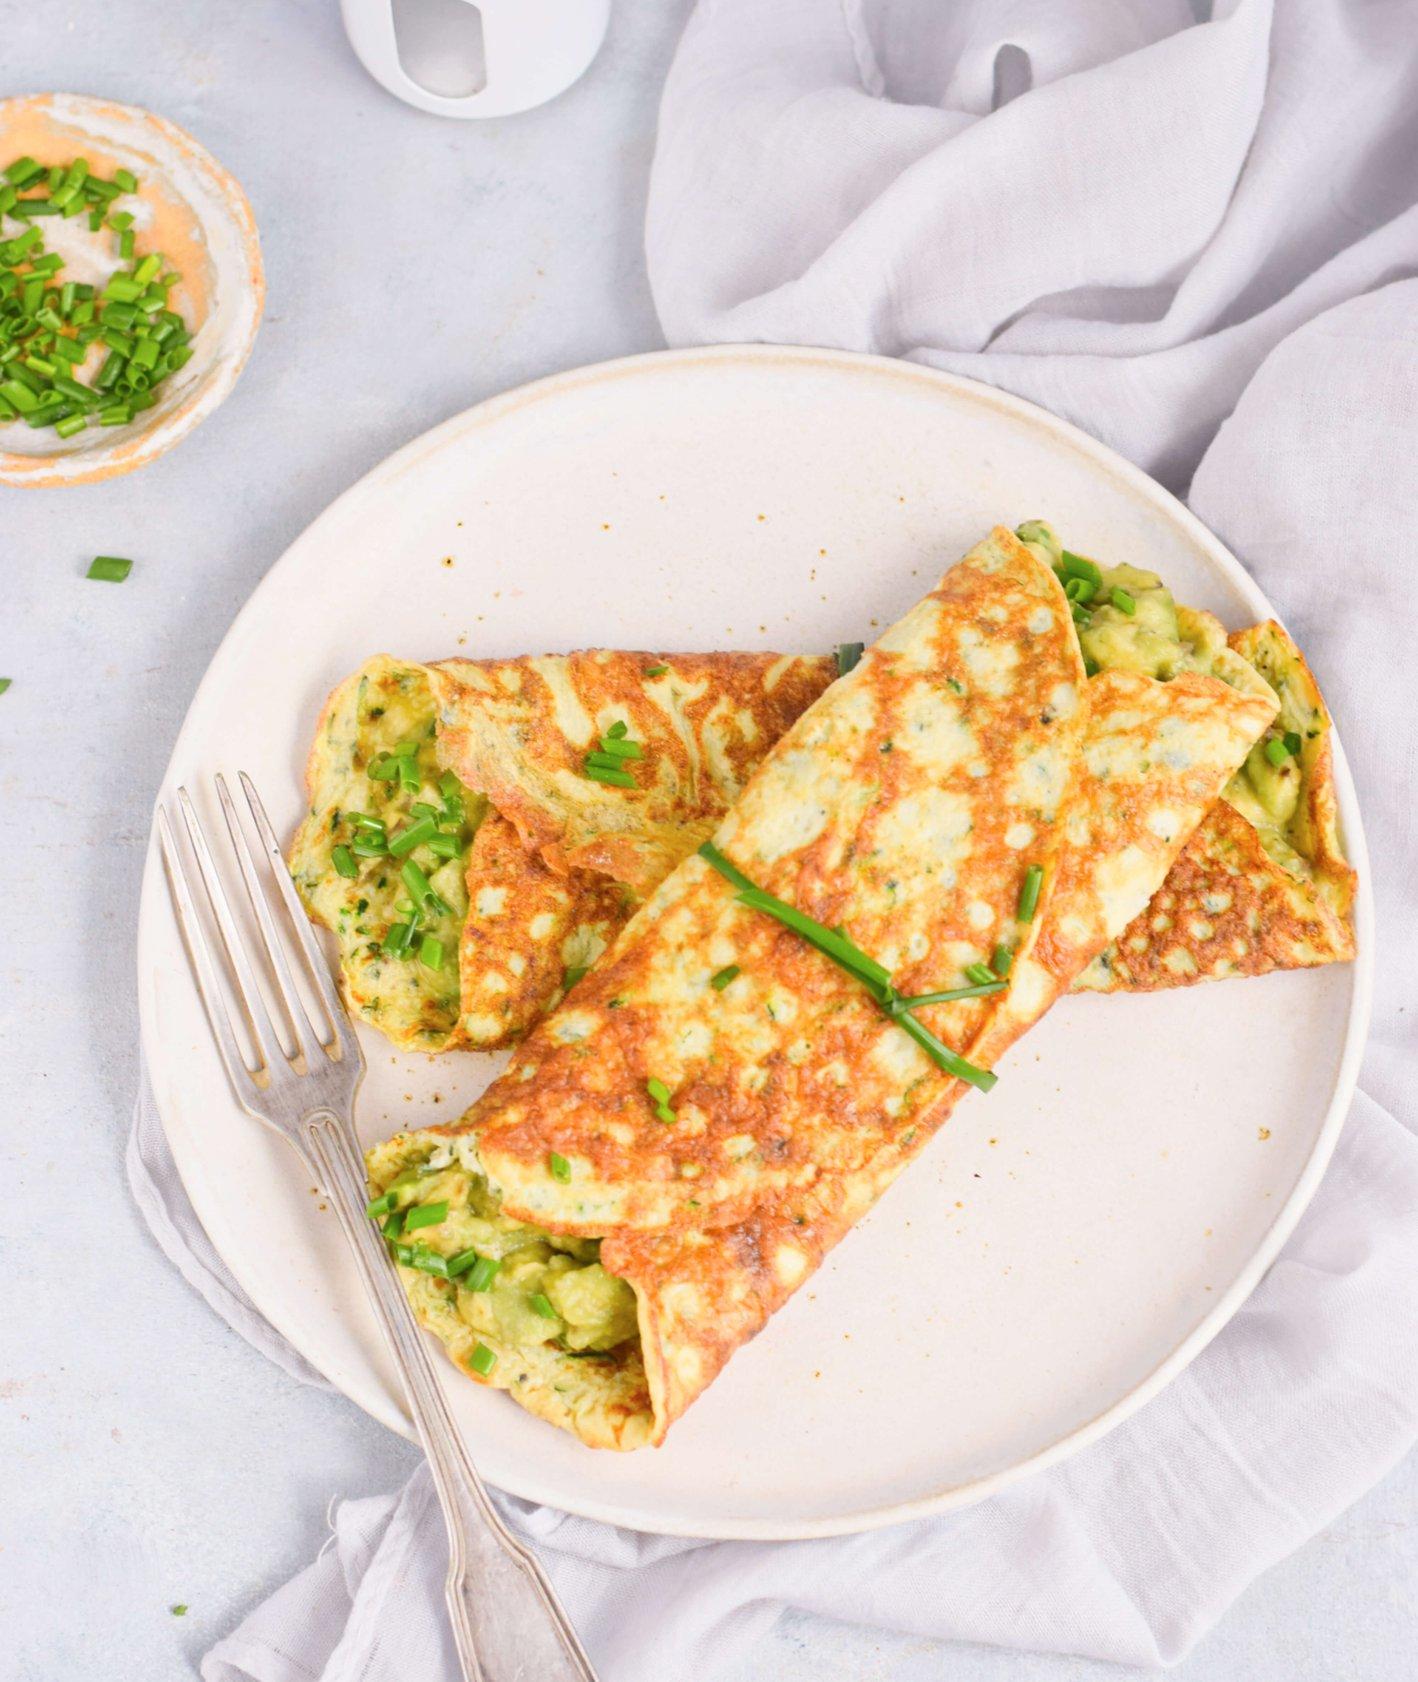 Talerz z omletami cukiniowymi z pastą z awokado, posiekany szczypiorek, solniczka, sztućce i ściereczka (fot. Anna Szewczyk)